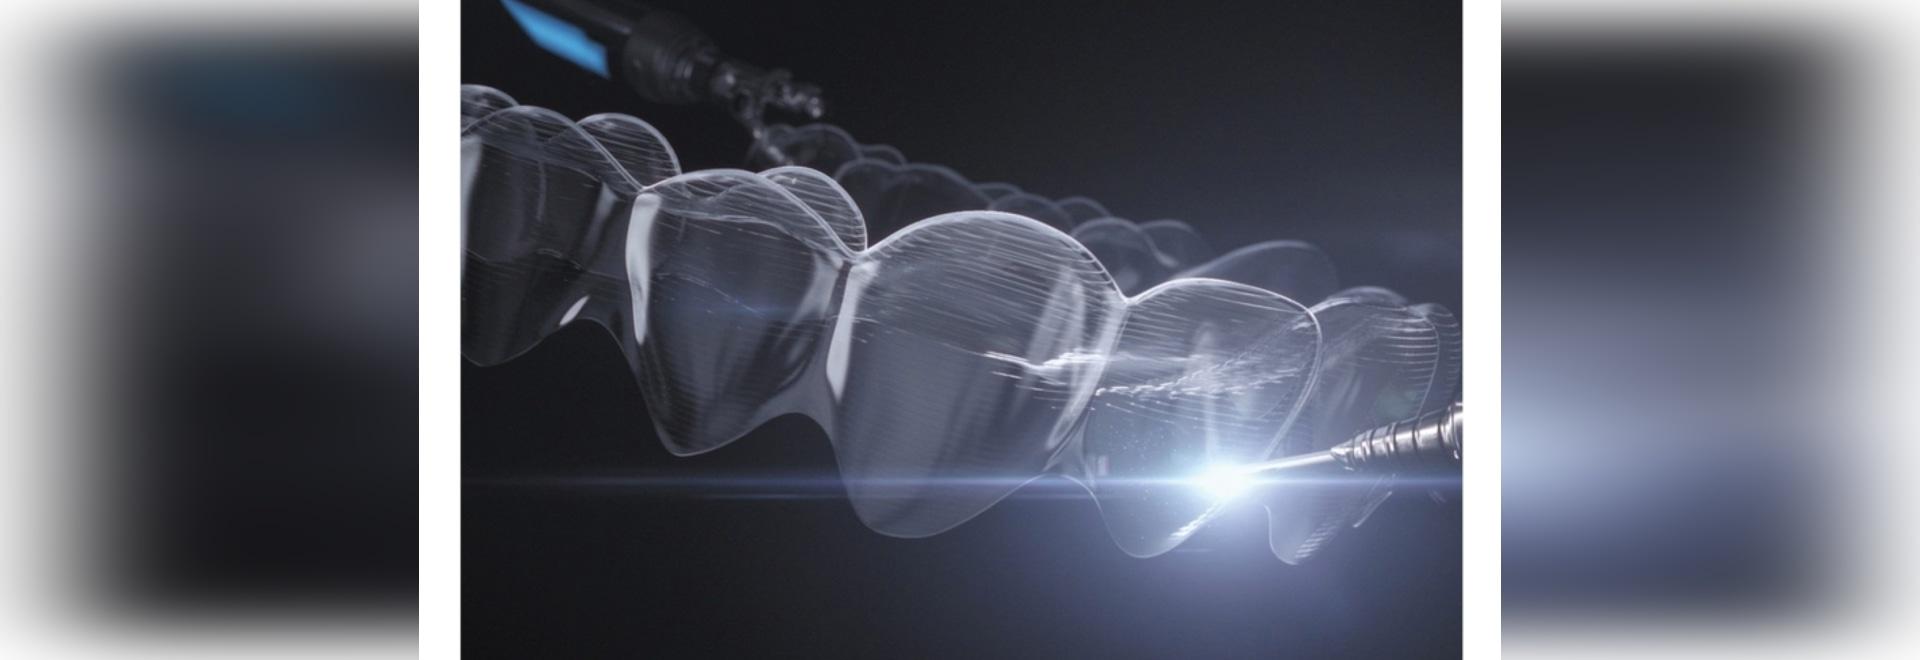 Un matériau d'alignement rend le traitement orthodontique plus prévisible